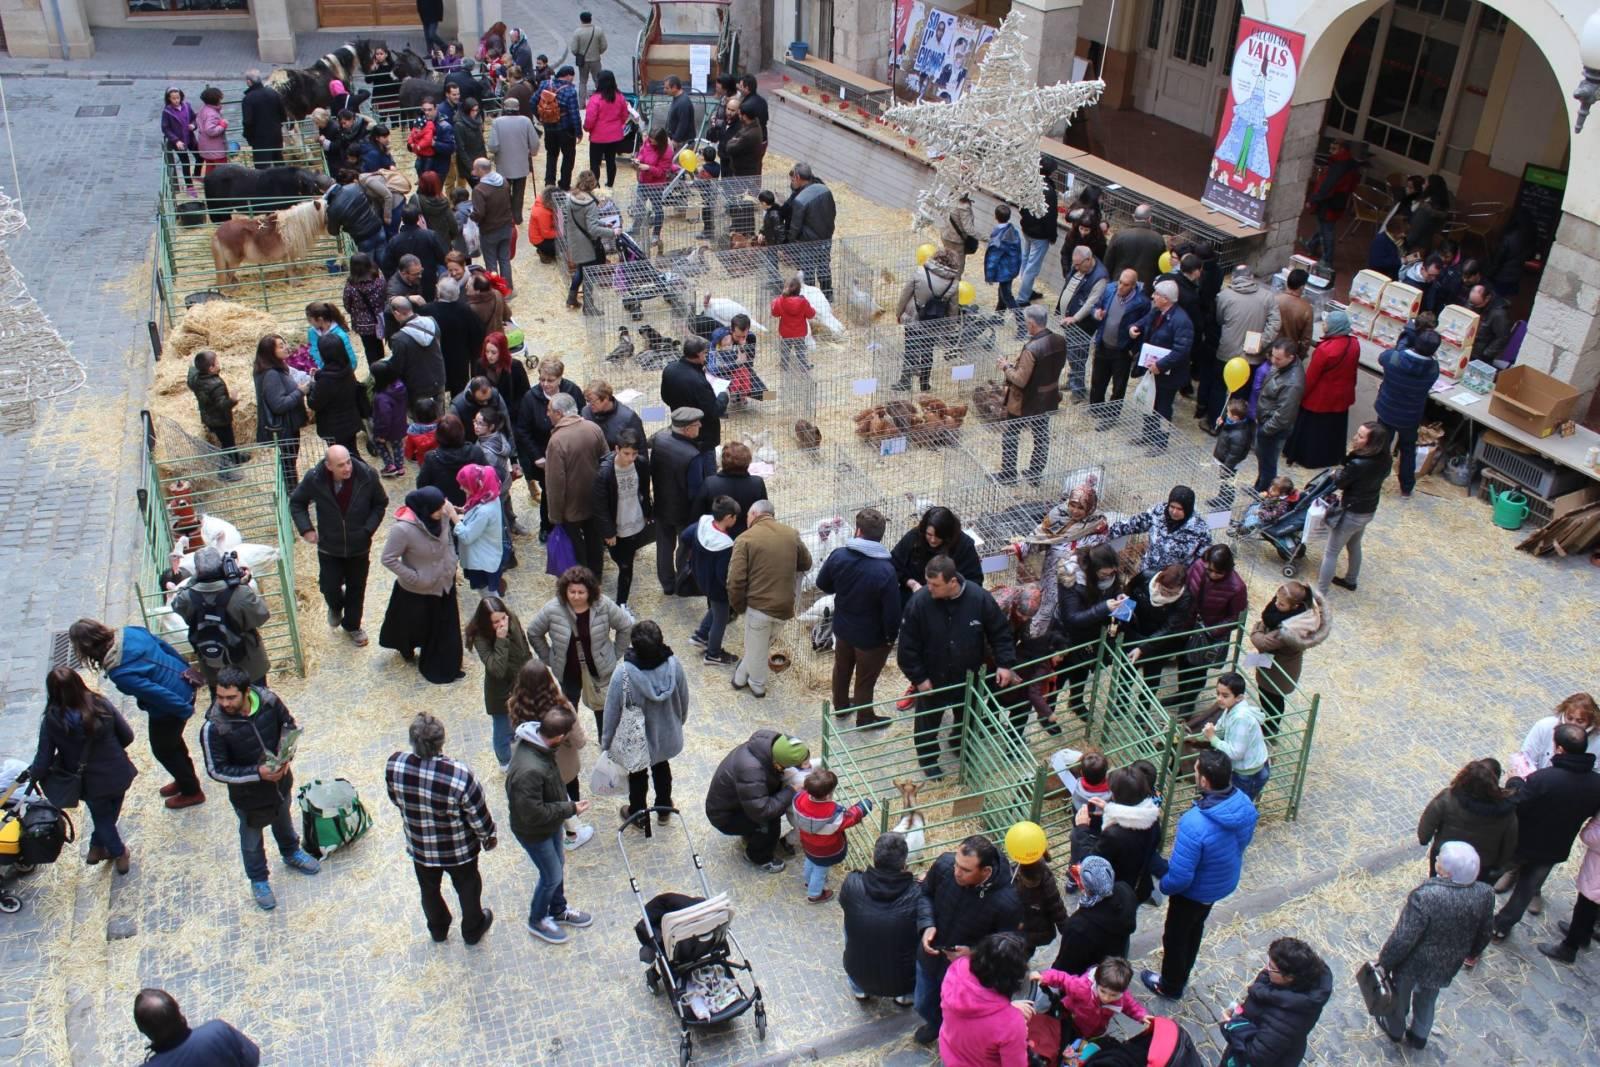 Authentische Tradition: Der Weihnachts- und Vogelmarkt in Valls © Cambra Comerç de Valls